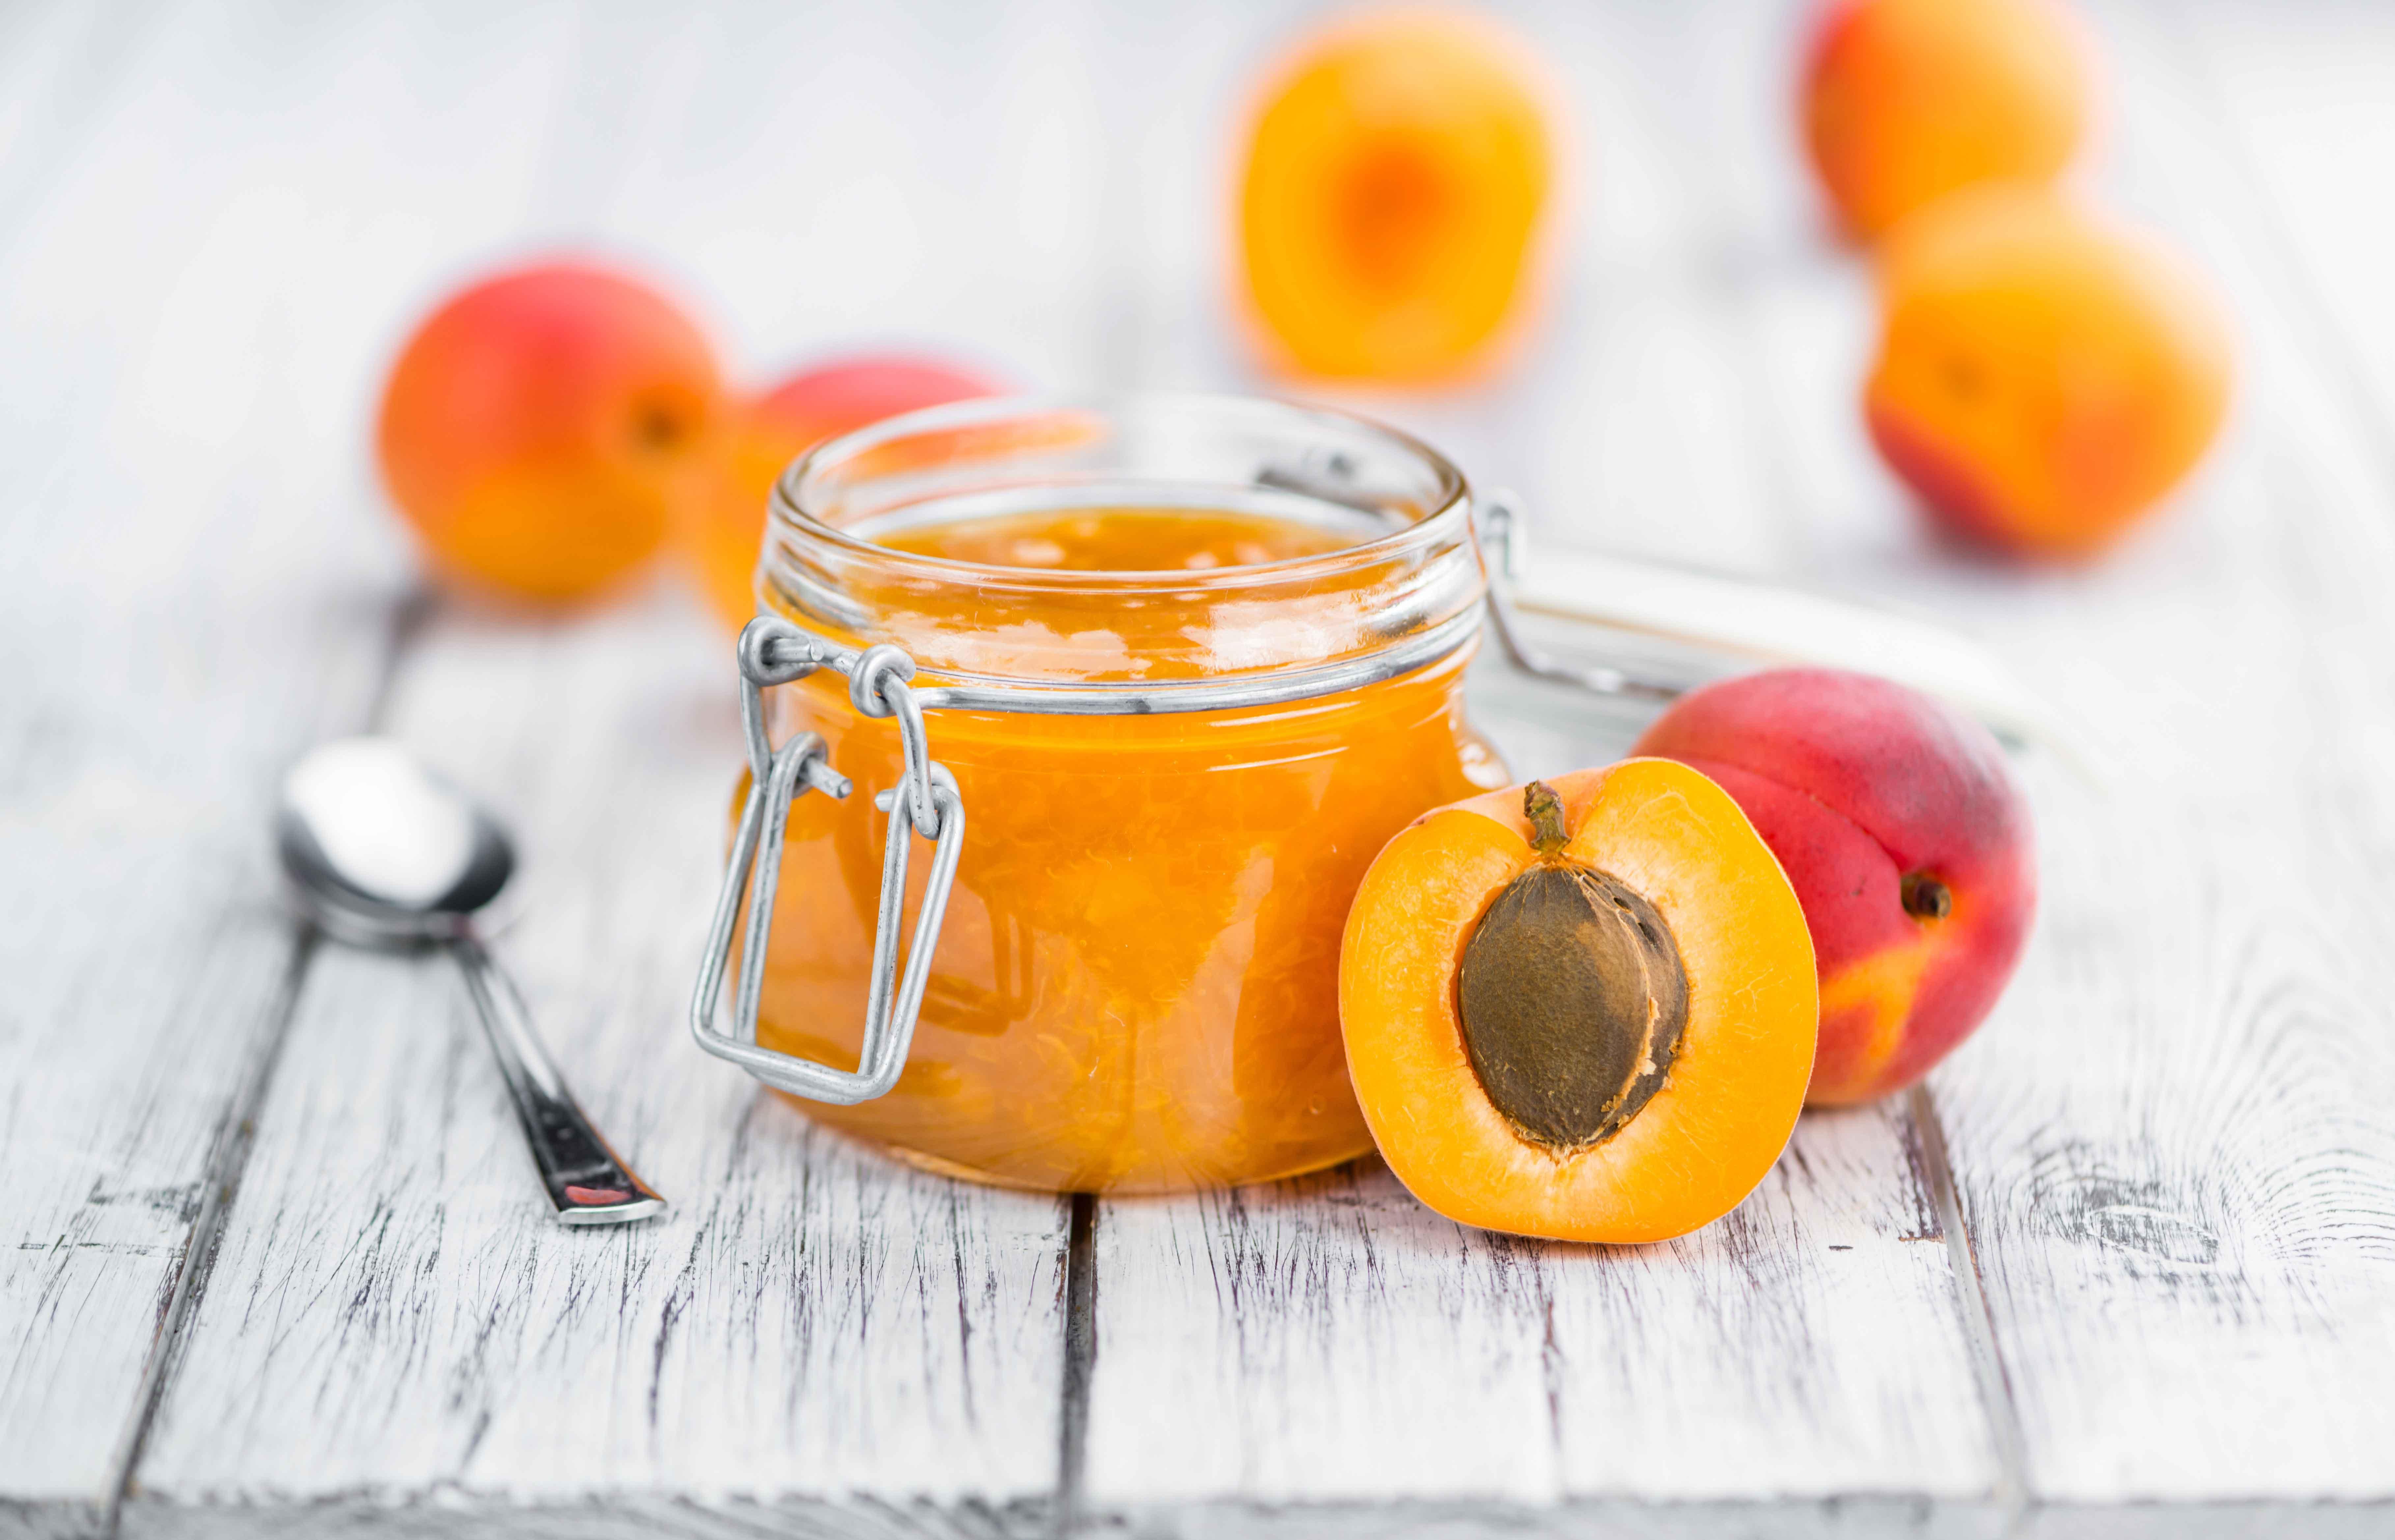 zelfgemaakte koolhydraatarme suikervrije abrikozen confituur keto dieet